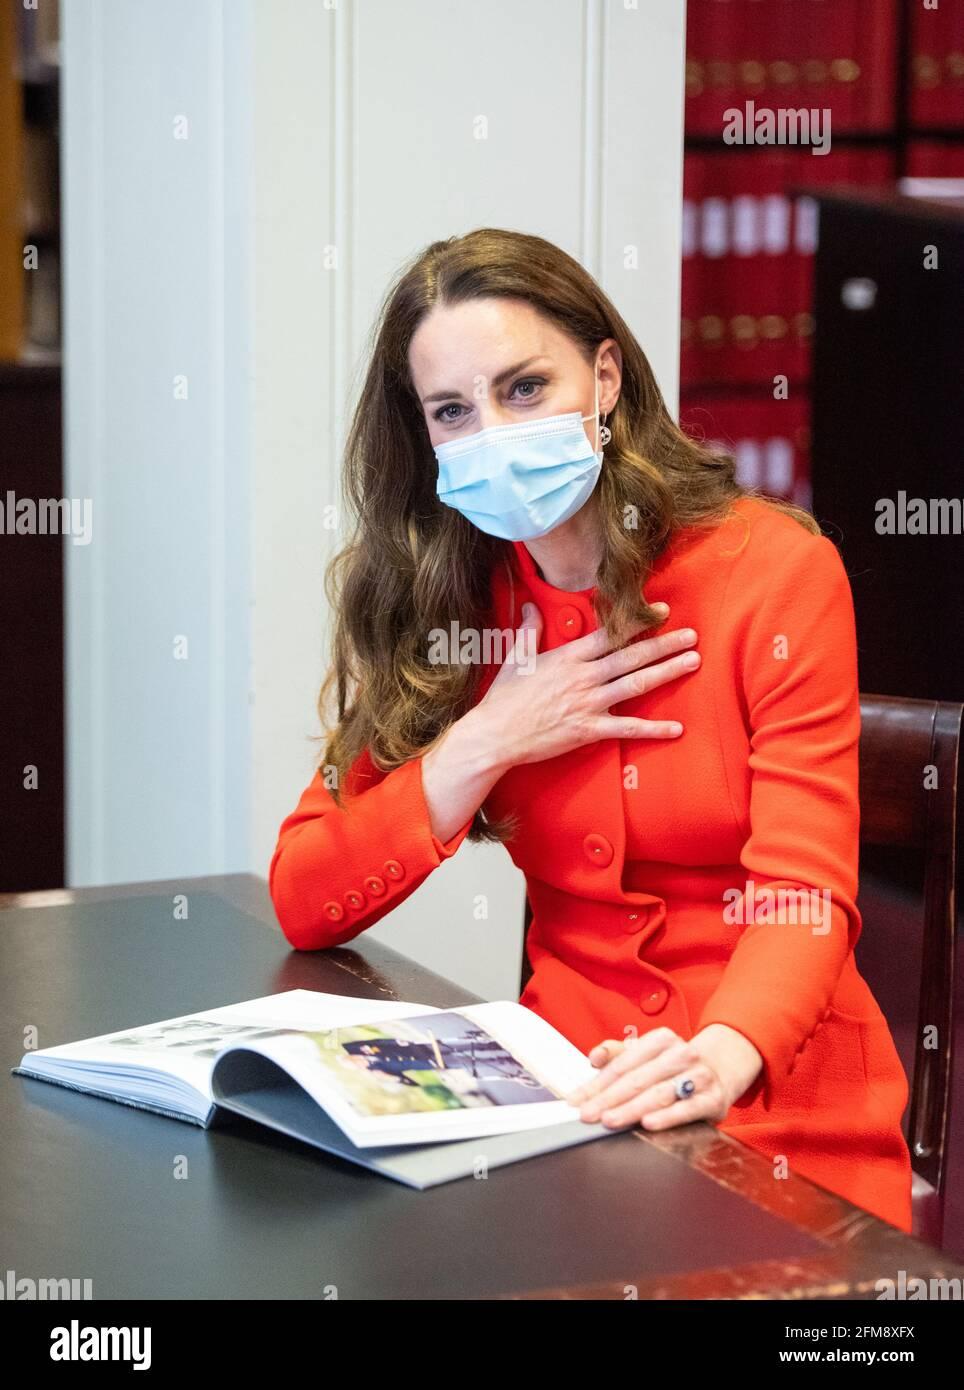 """Die Herzogin von Cambridge spricht während eines Besuchs im Archiv in der National Portrait Gallery im Zentrum Londons mit den Teilnehmern, die sich """"still halten"""" möchten, um die Veröffentlichung des Buches """"still halten"""" zu markieren. Bilddatum: Freitag, 7. Mai 2021. Stockfoto"""